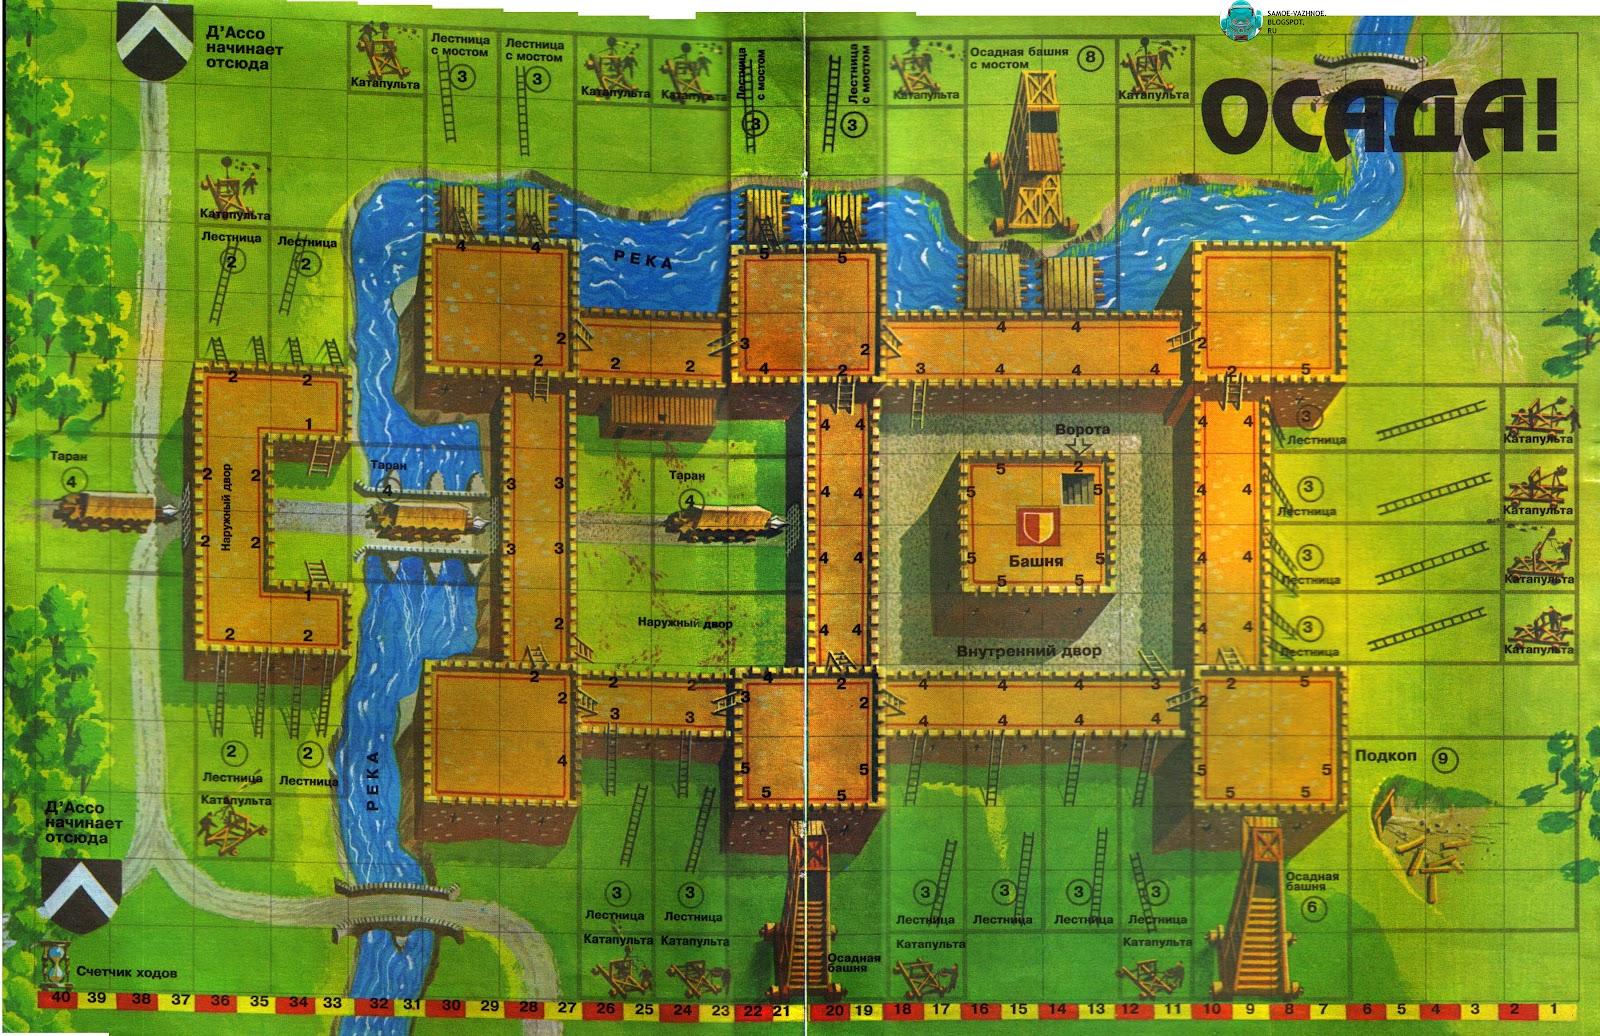 Настольные игры 90е годы. Настольные игры 90х. Настольные игры девяностые годы